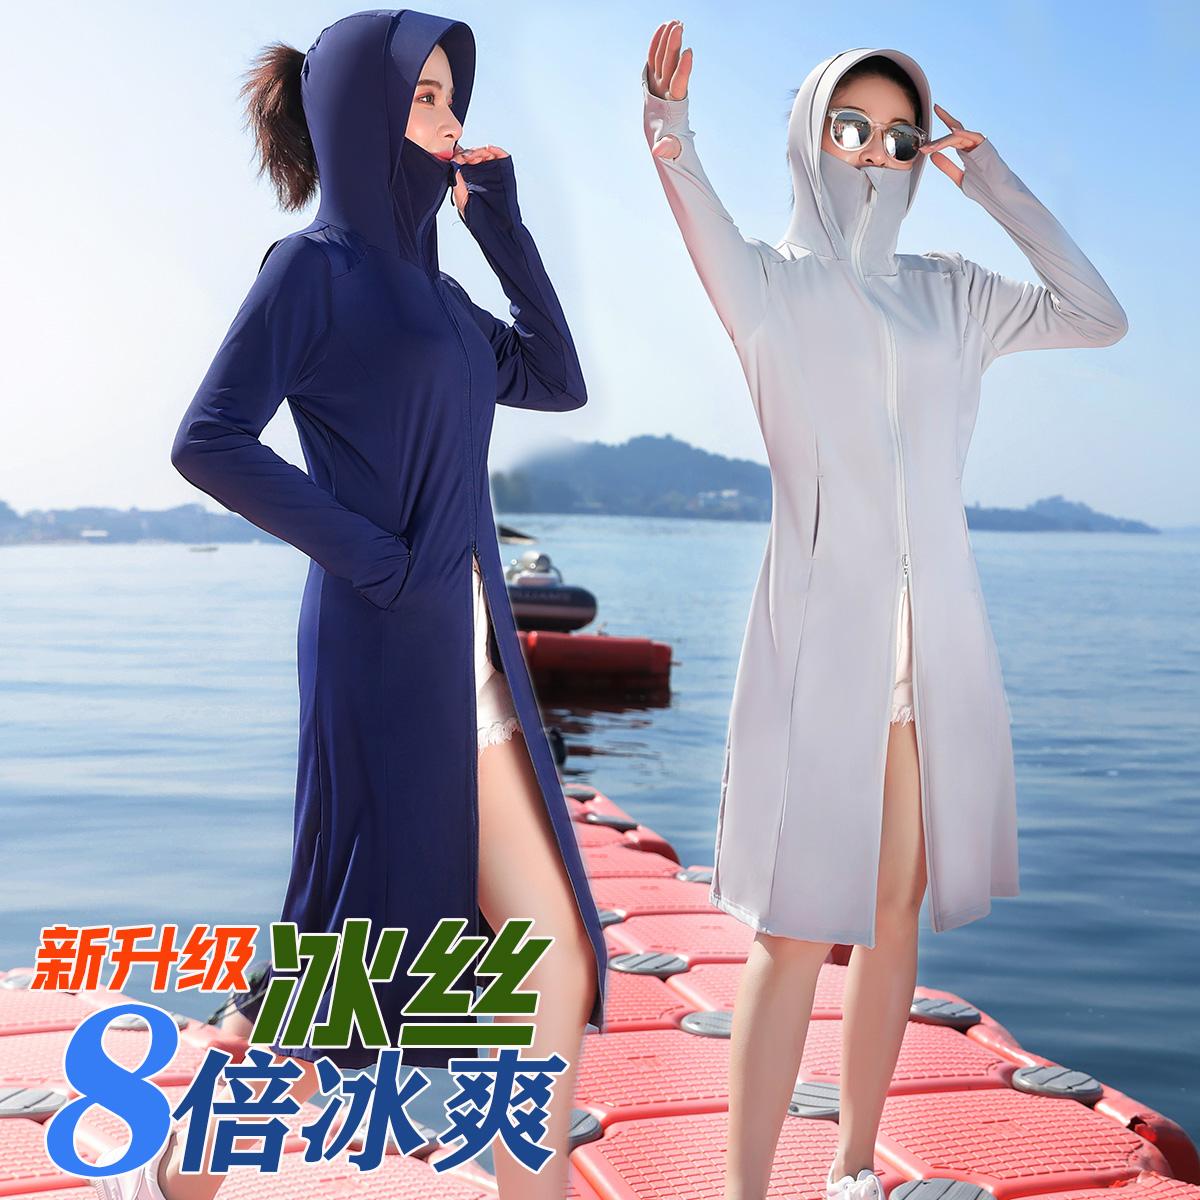 冰丝防晒衣女2020夏季新款防紫外线中长款网红骑车防晒服薄外套衫